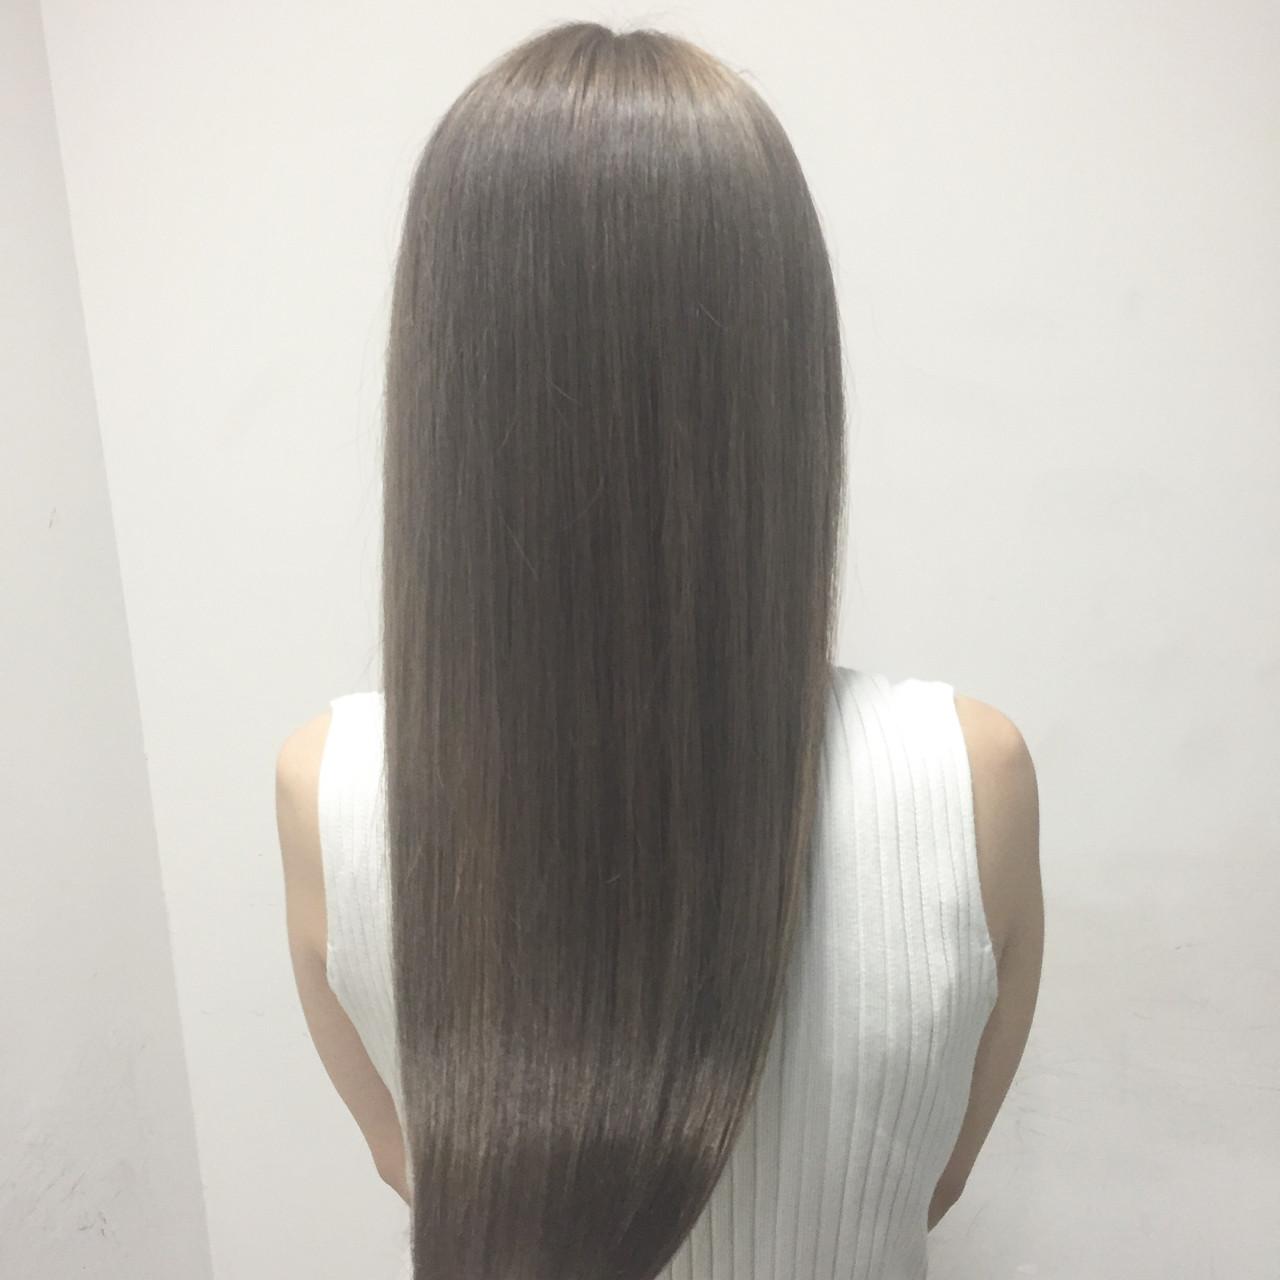 グレージュ 外国人風 ハイライト セミロング ヘアスタイルや髪型の写真・画像